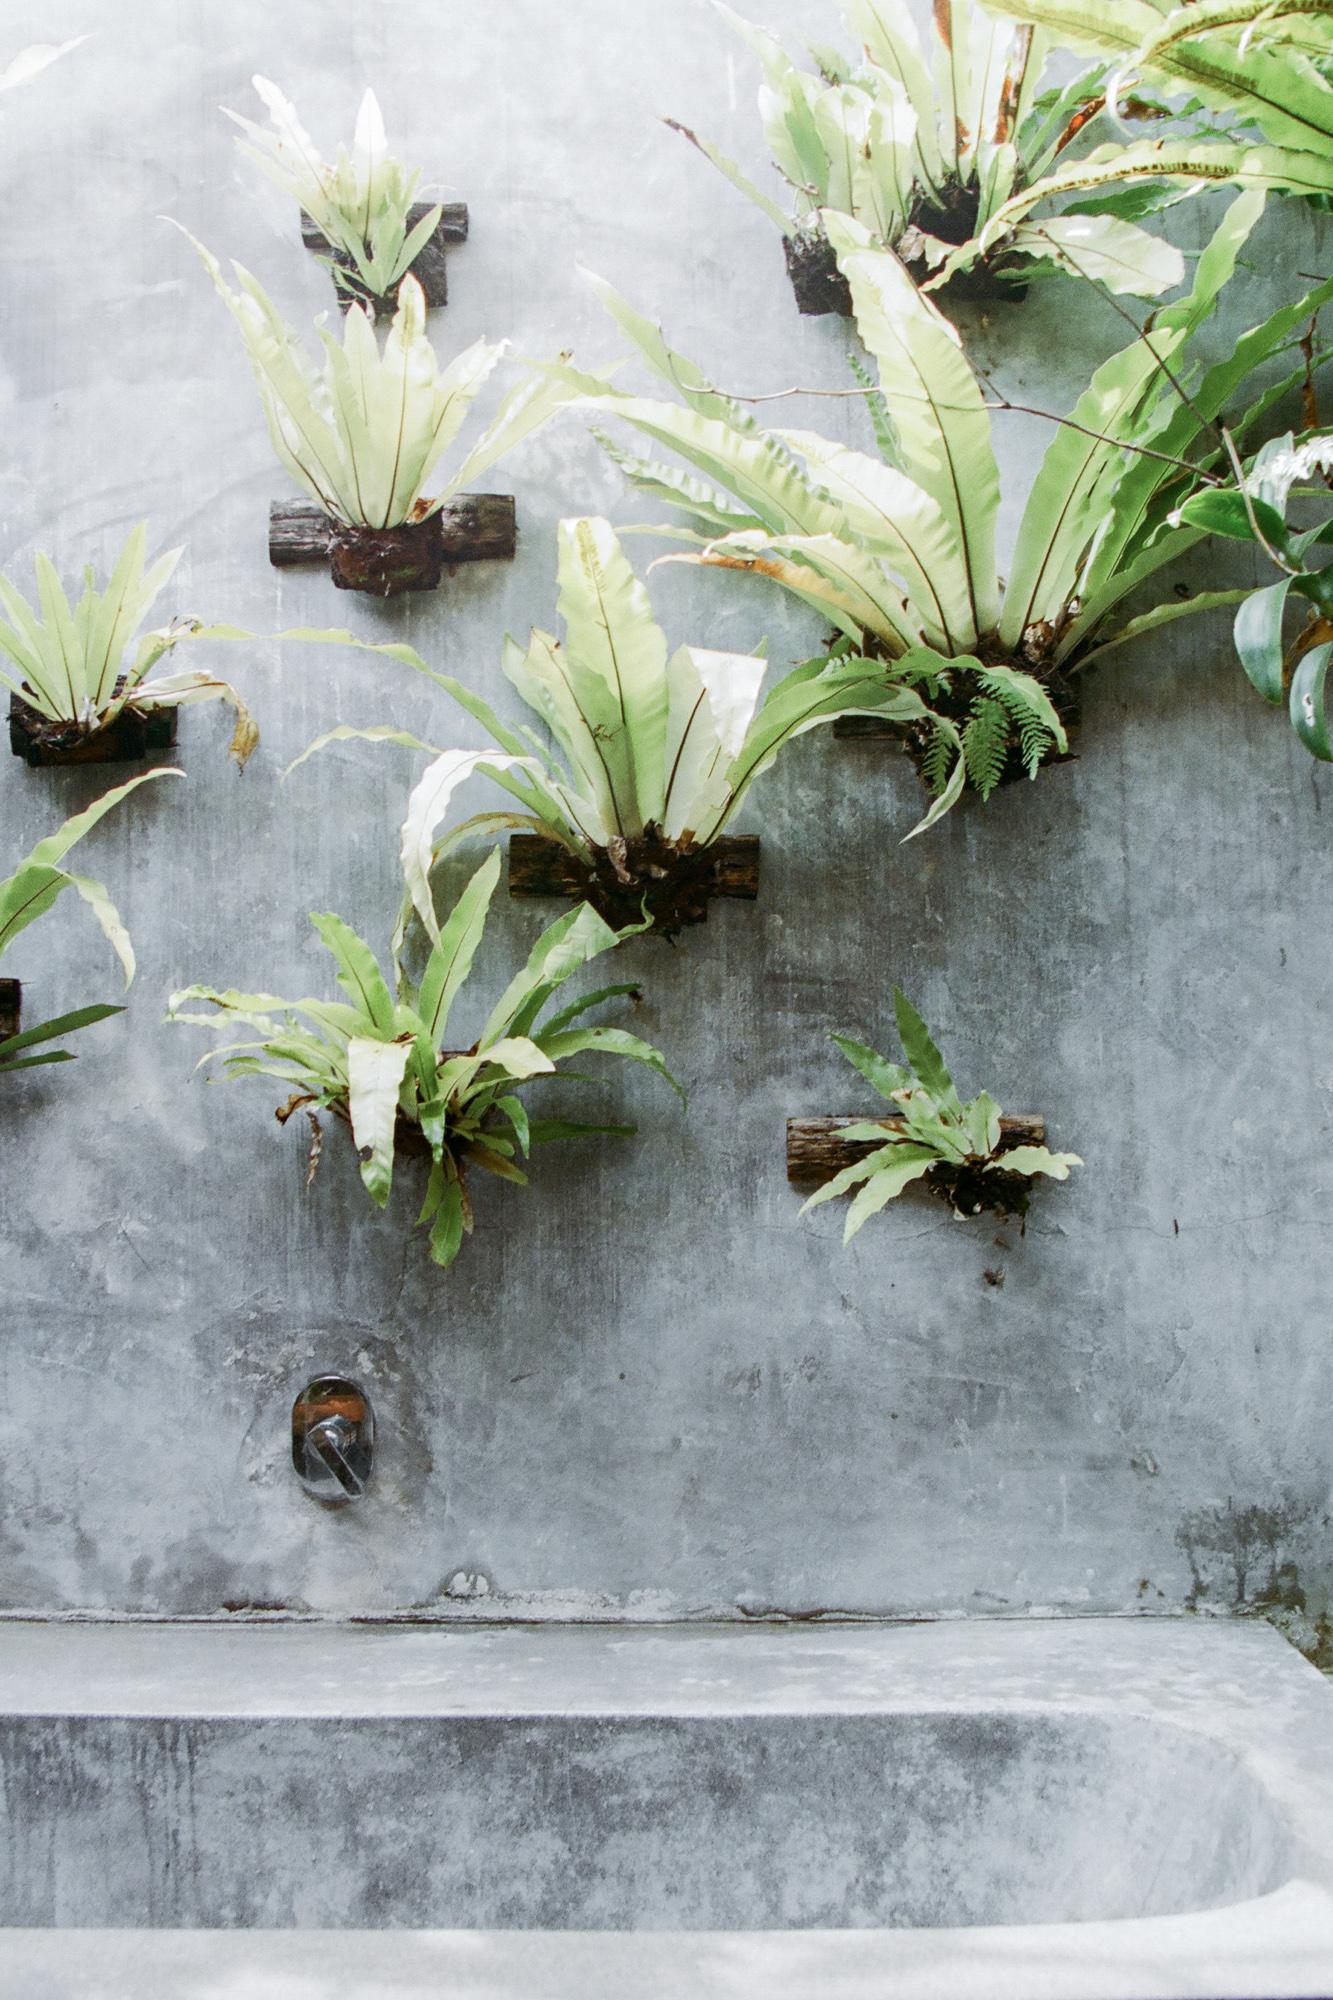 Bali Morgane Erpicum